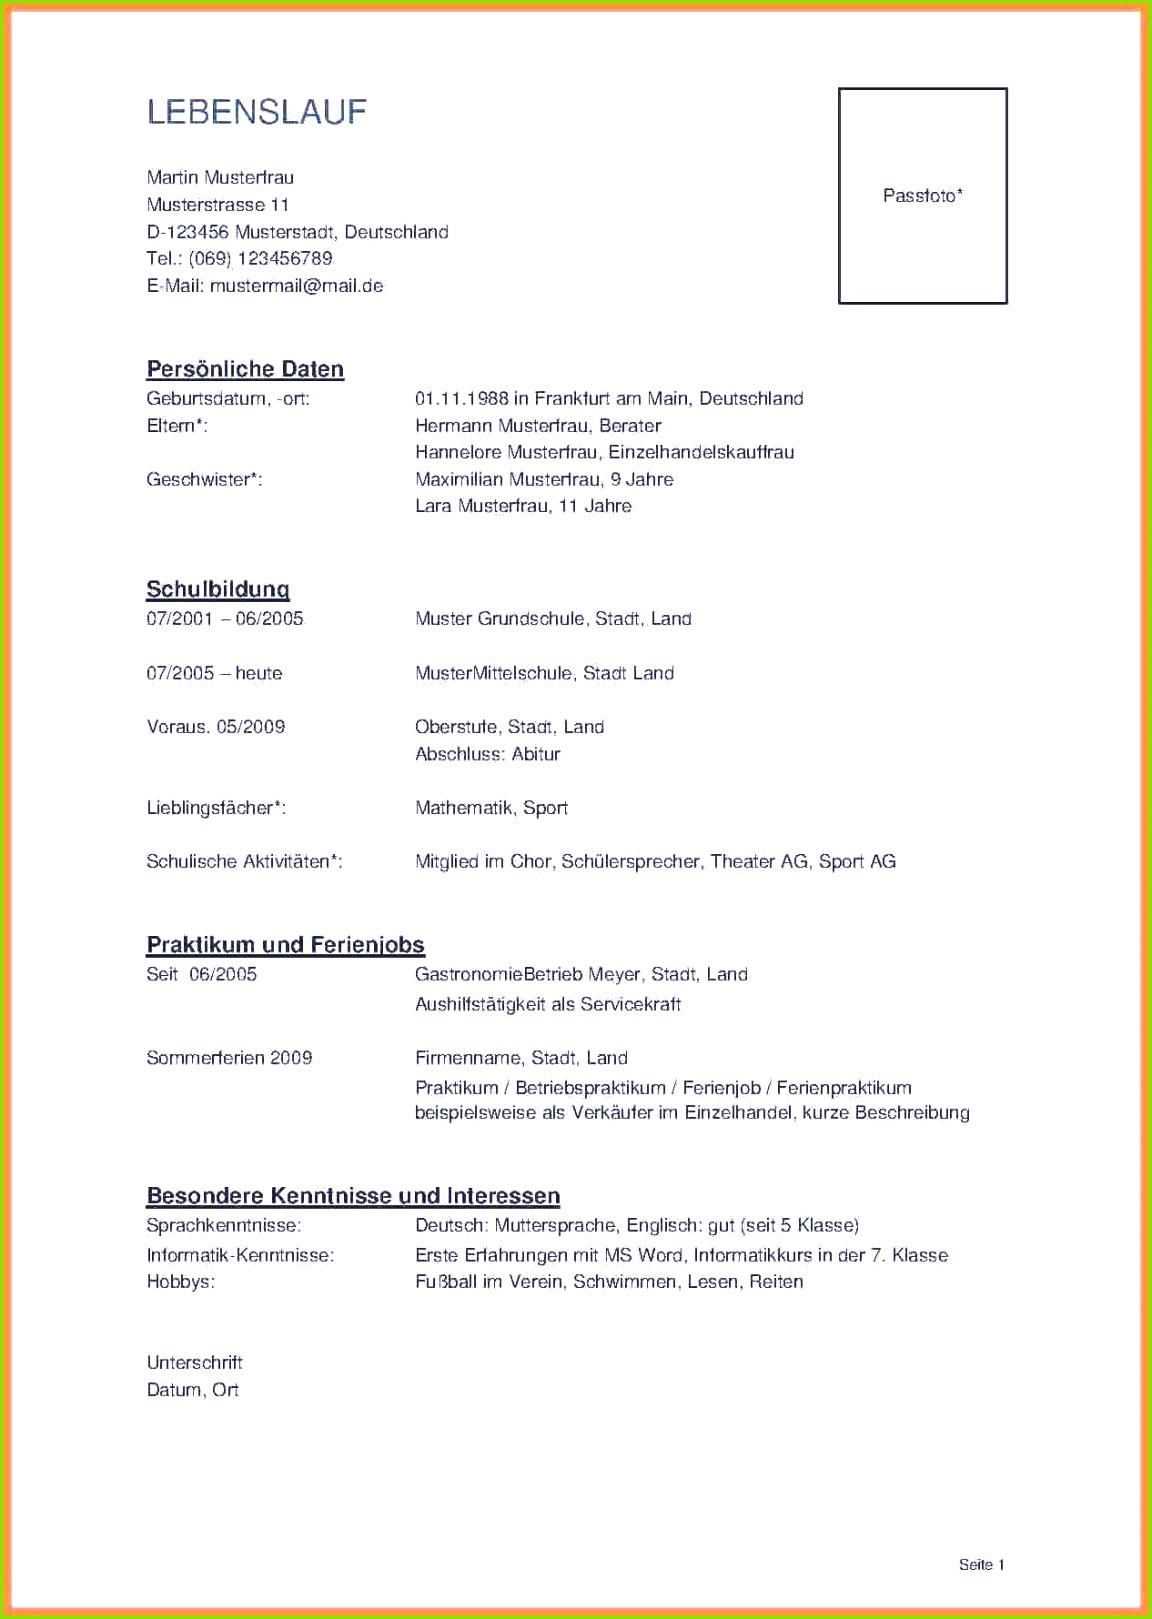 Autogrammkarten Vorlage Frisch 45 Motiv Wie Schreibt Man Eine Bewerbung Douglaschannelenergy